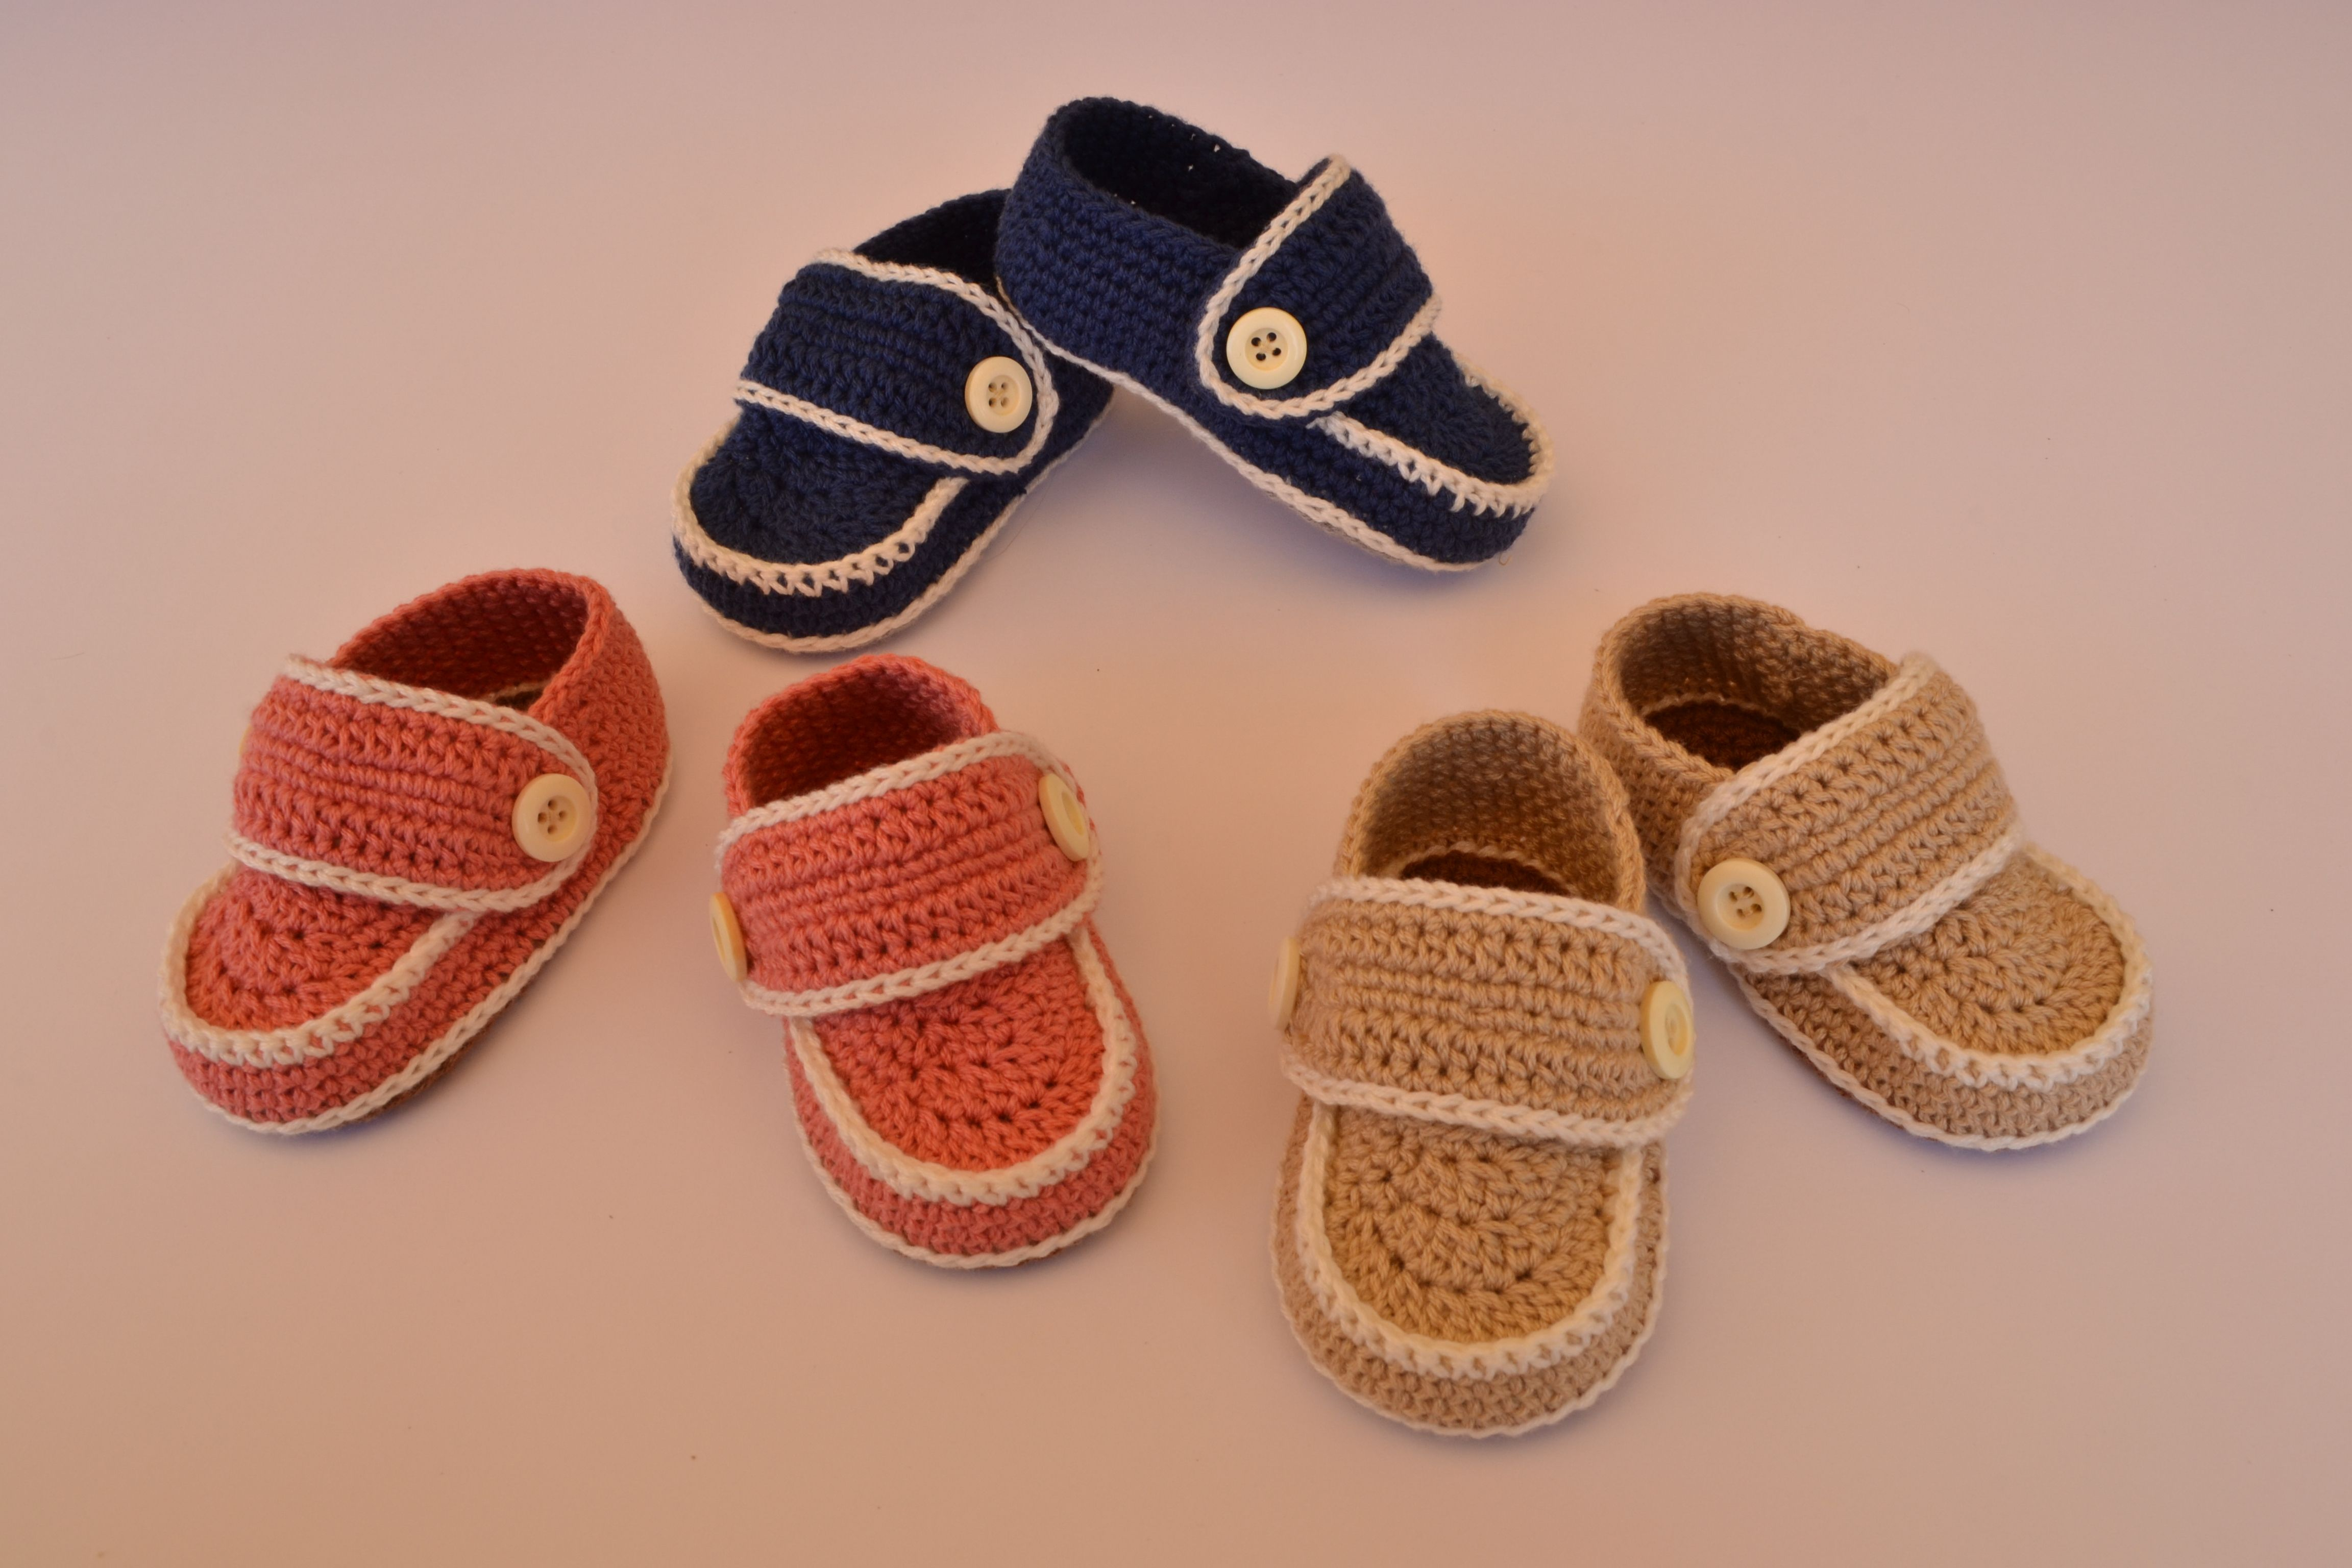 Mocasines de crochet para bebés de diferentes colores y tallas.  https://www.etsy.com/es/listing/200681679/zapatos-mocasines-para-bebe-hechos-a?